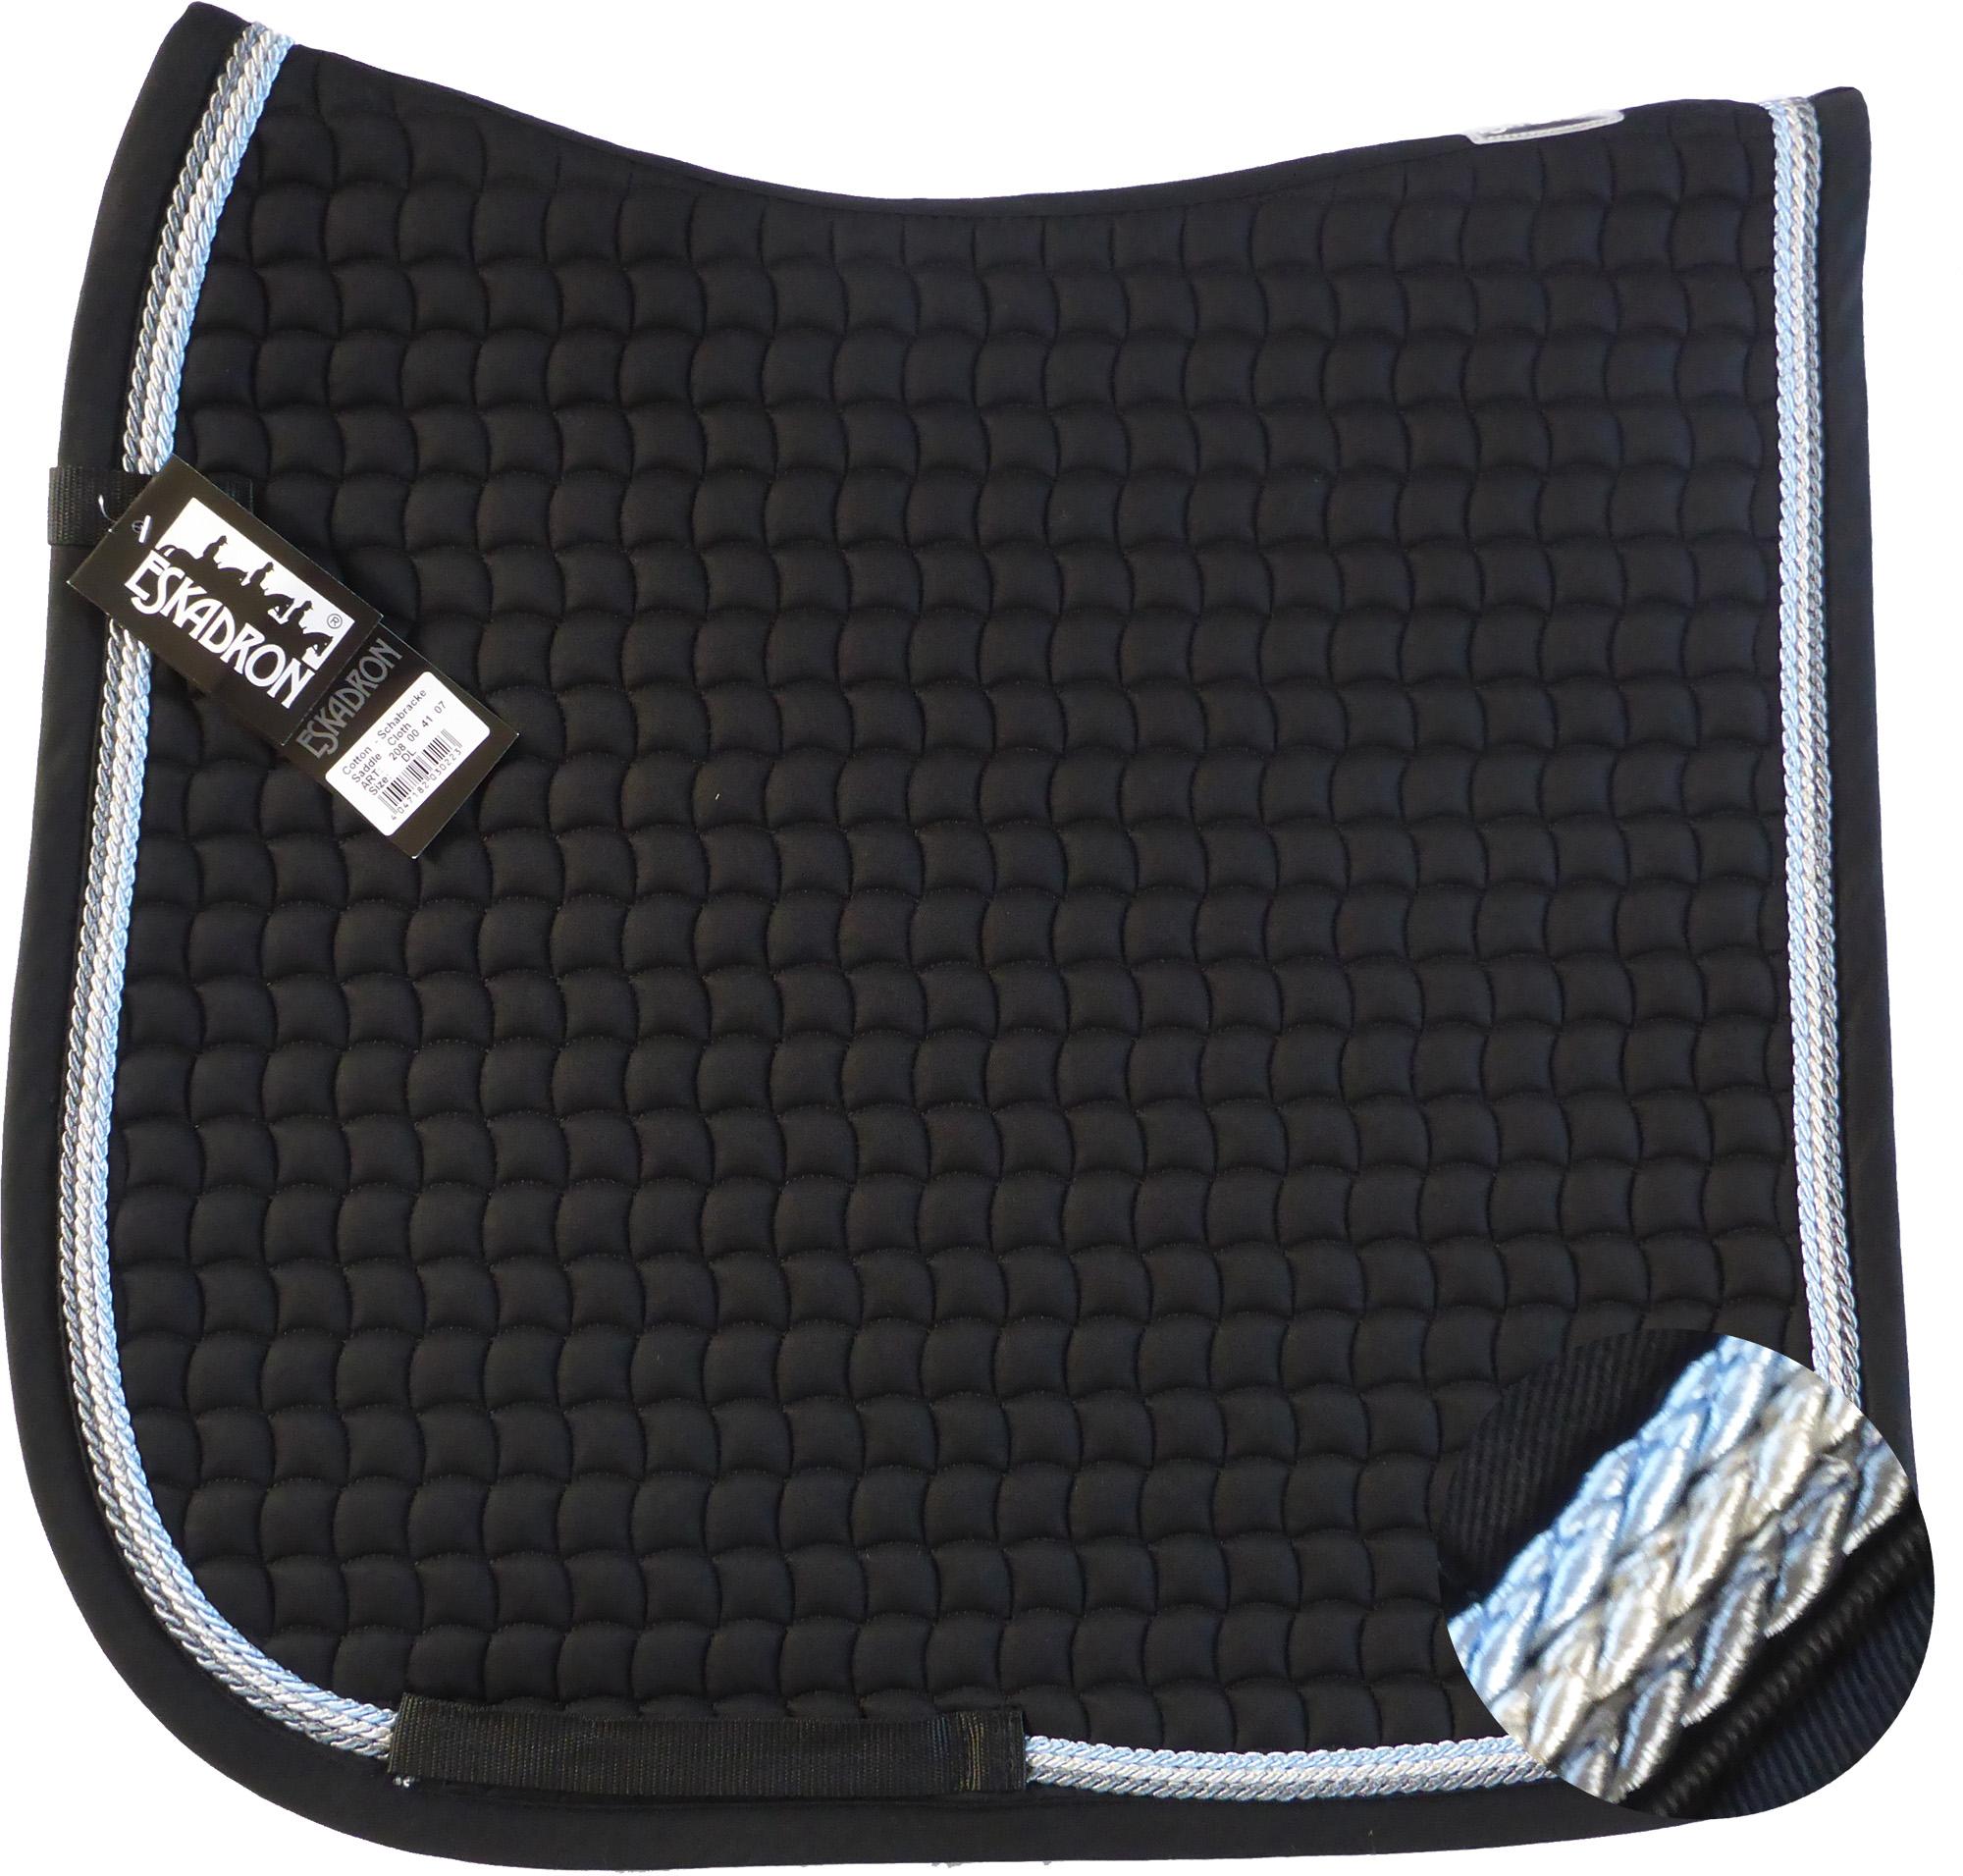 ESKADRON Cotton Schabracke black, 3fach Kordel anthrazit,silberfarben,hellblau